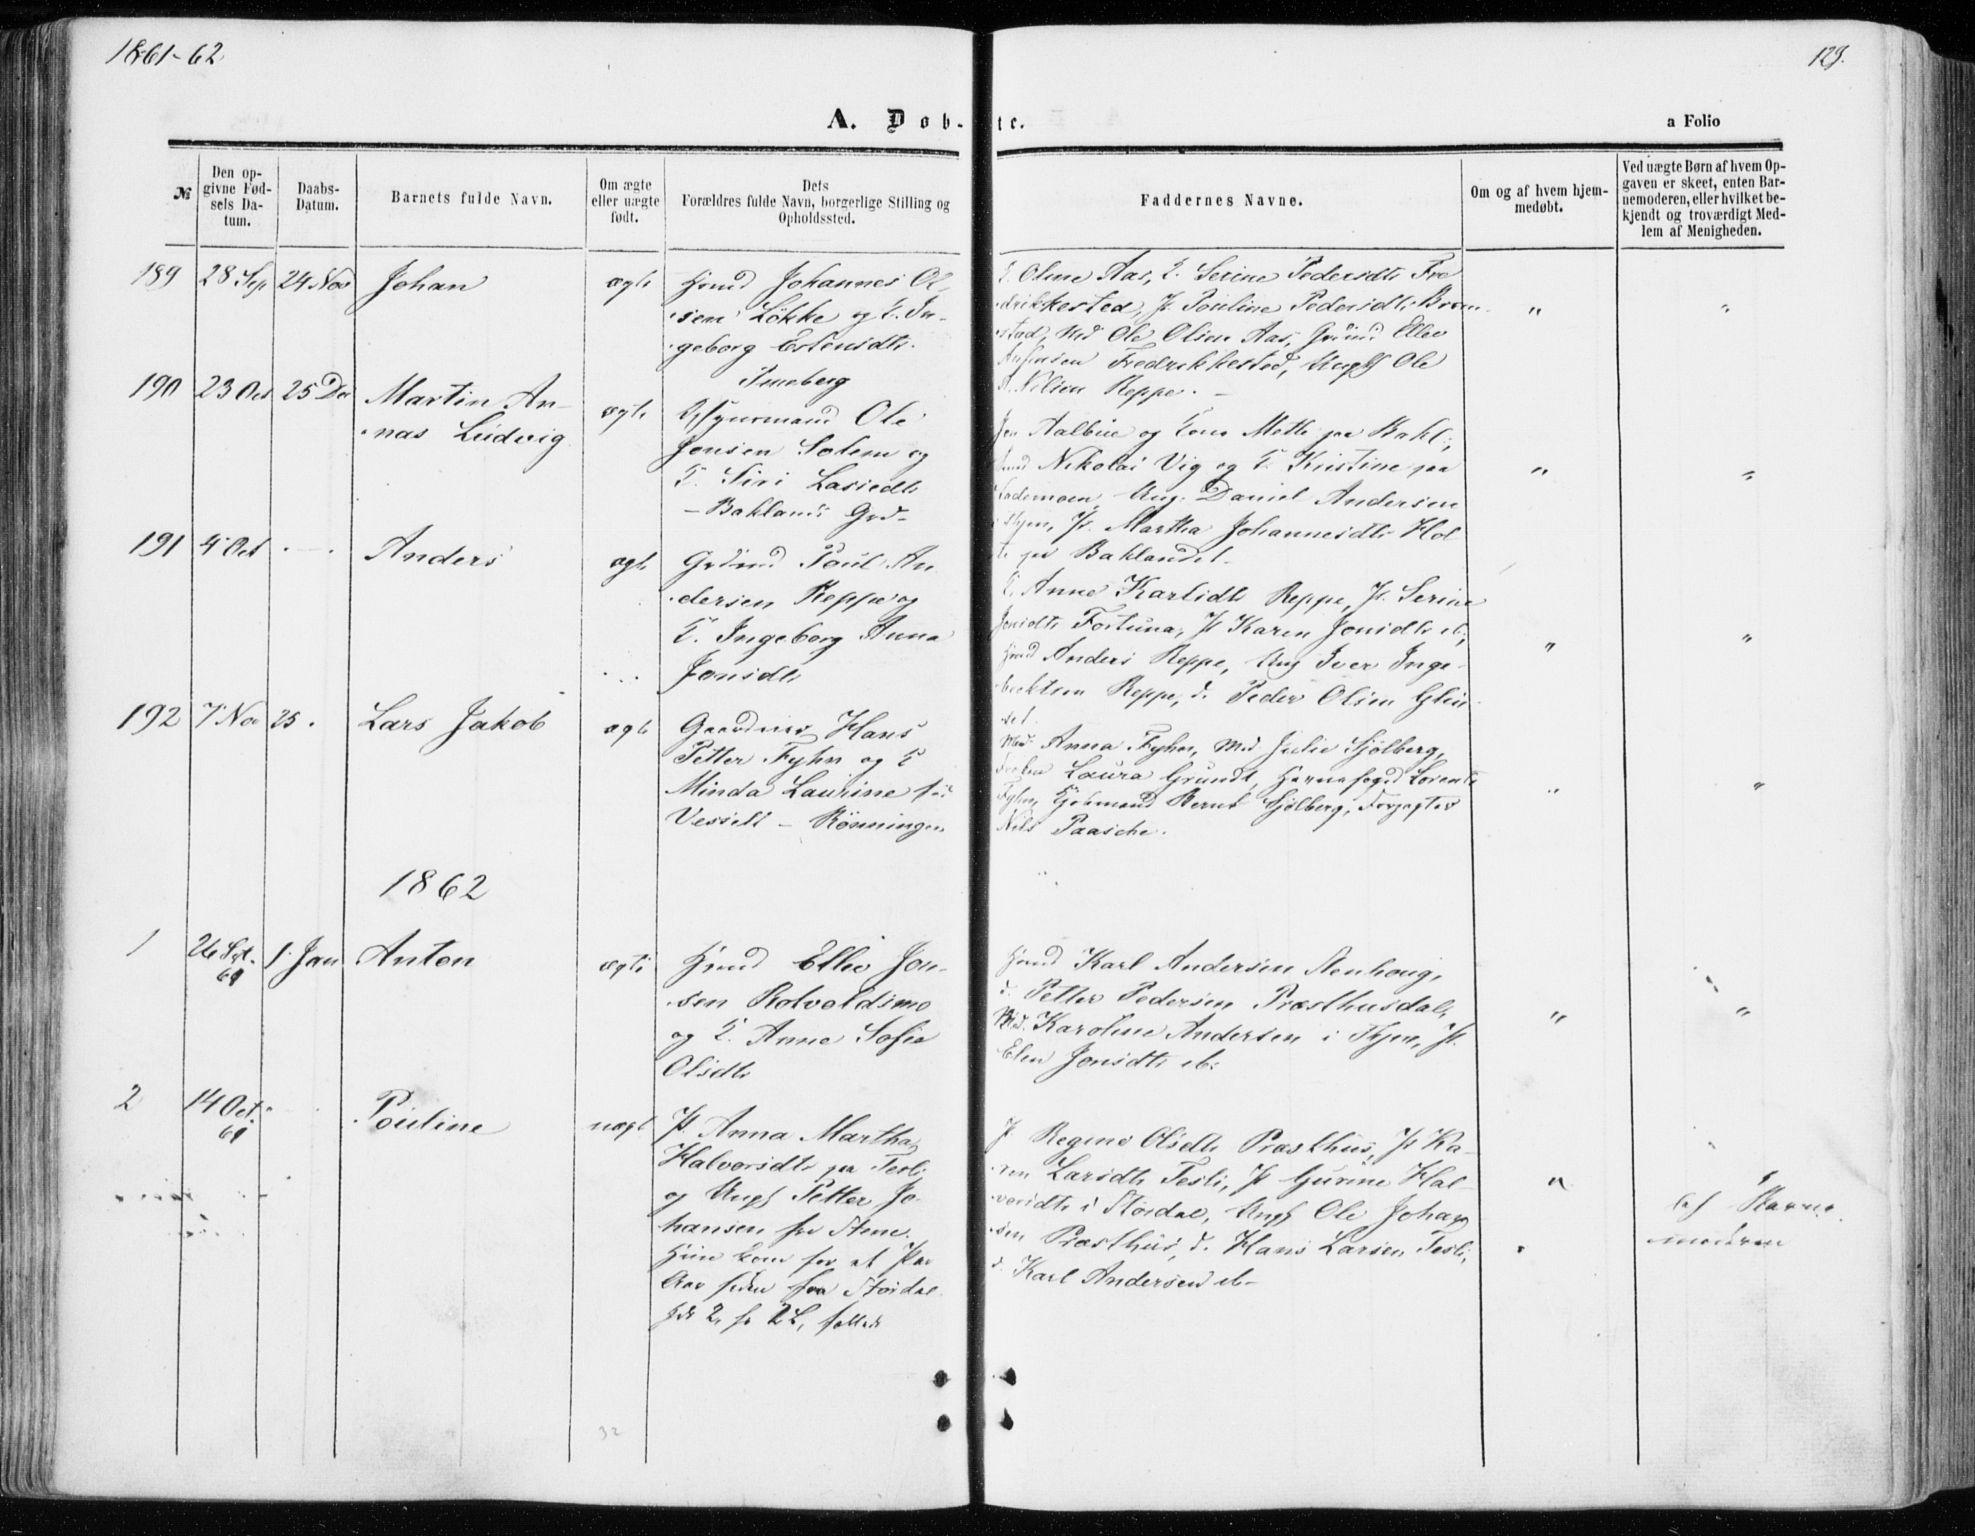 SAT, Ministerialprotokoller, klokkerbøker og fødselsregistre - Sør-Trøndelag, 606/L0292: Ministerialbok nr. 606A07, 1856-1865, s. 129